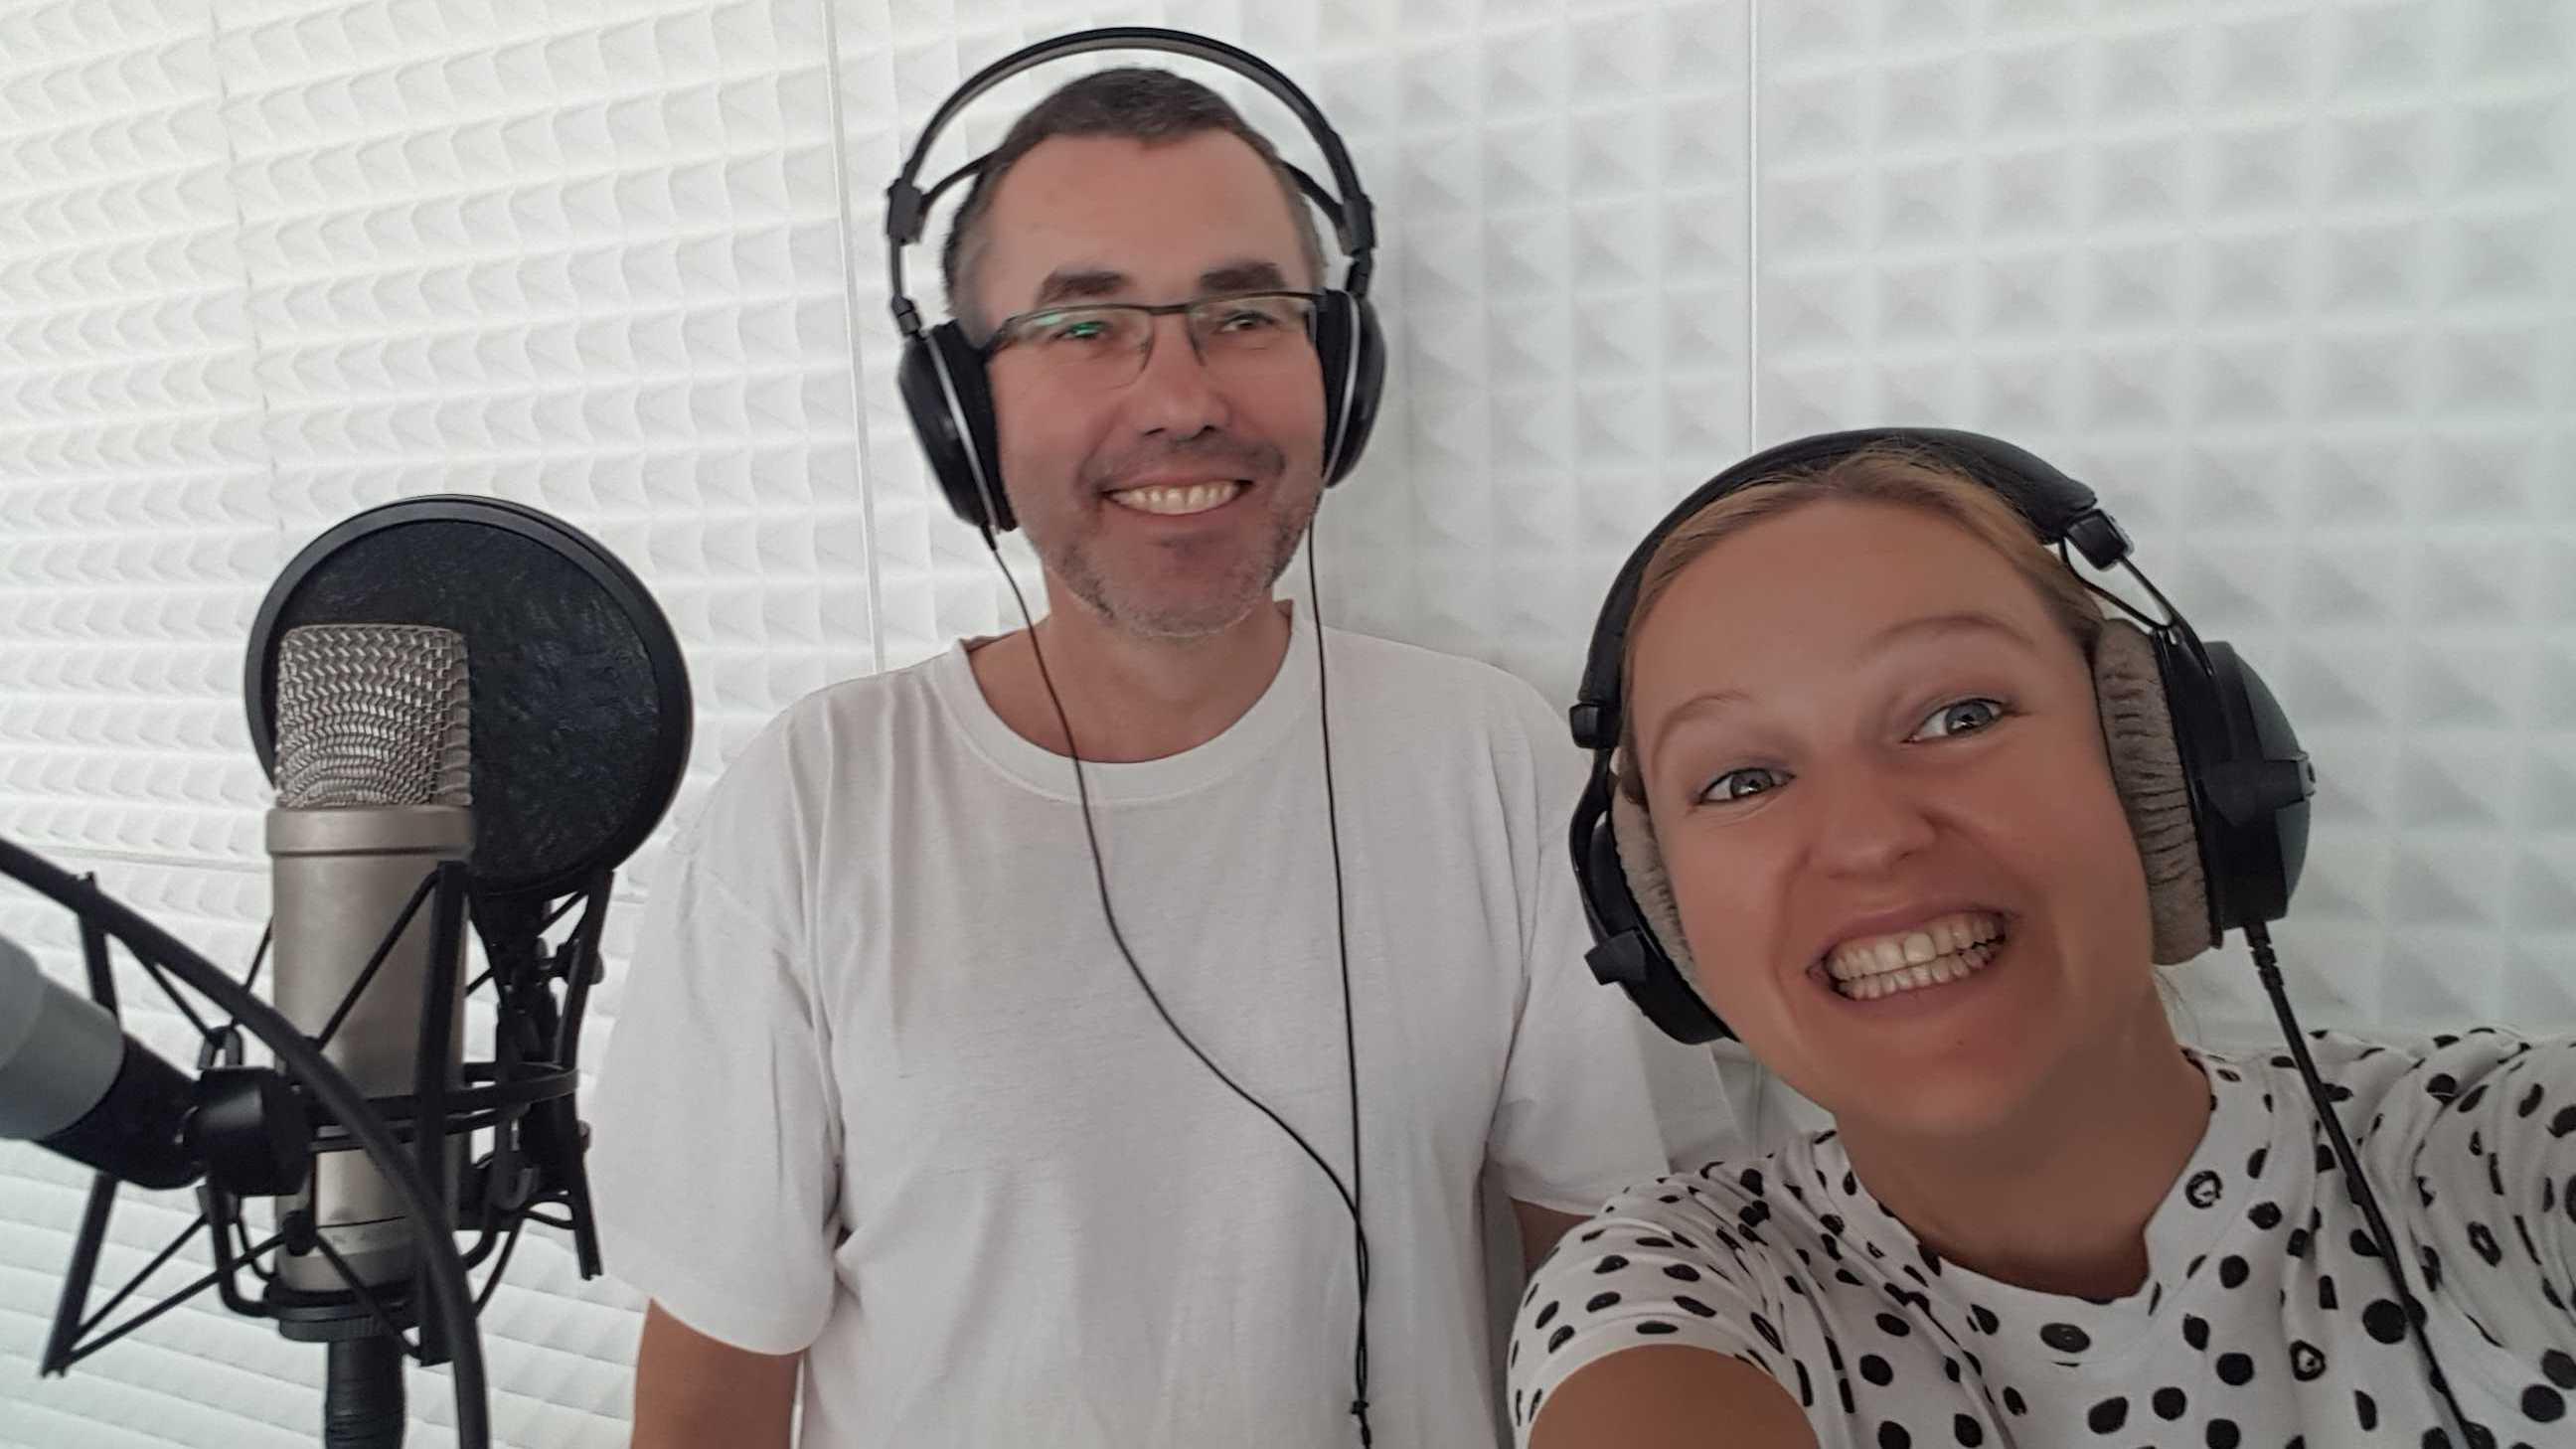 Anna und Ralf mit Kopfhörern im Radiostudio